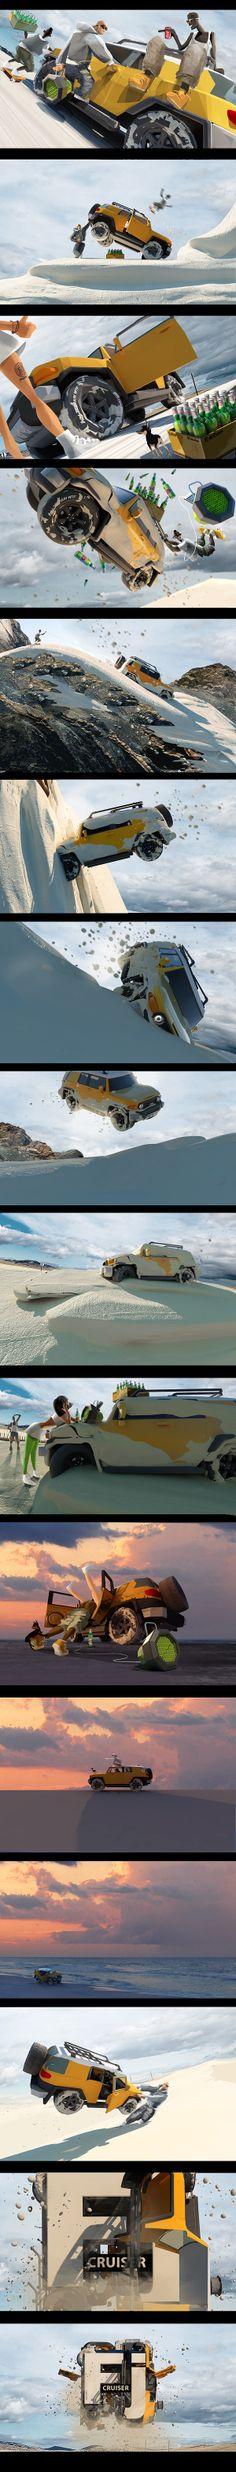 Promo for FJ_CRUISER_2012 by egor antonov, via Behance